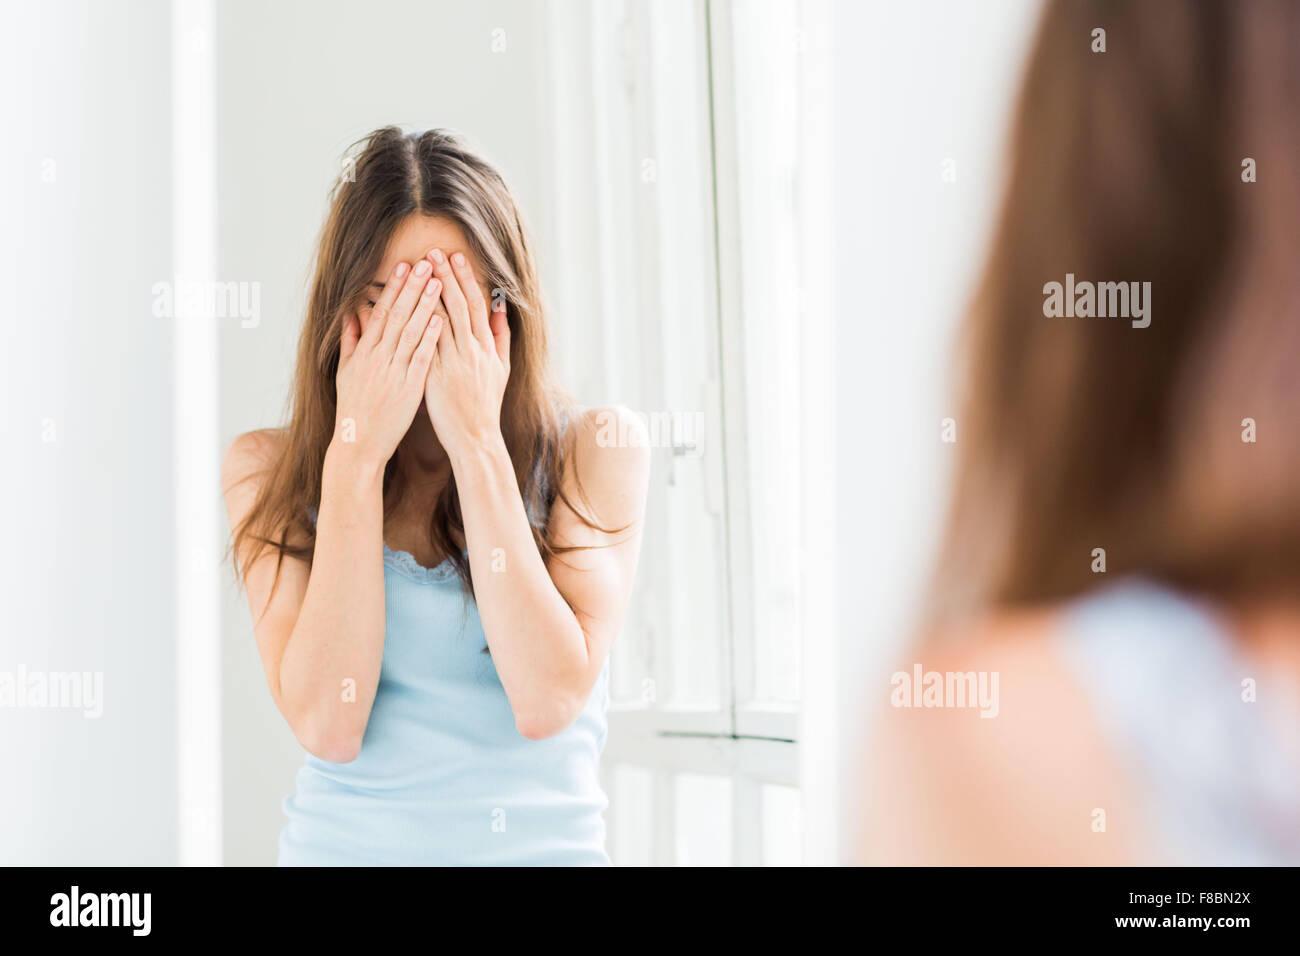 Frau verbirgt ihr Gesicht mit den Händen. Stockbild